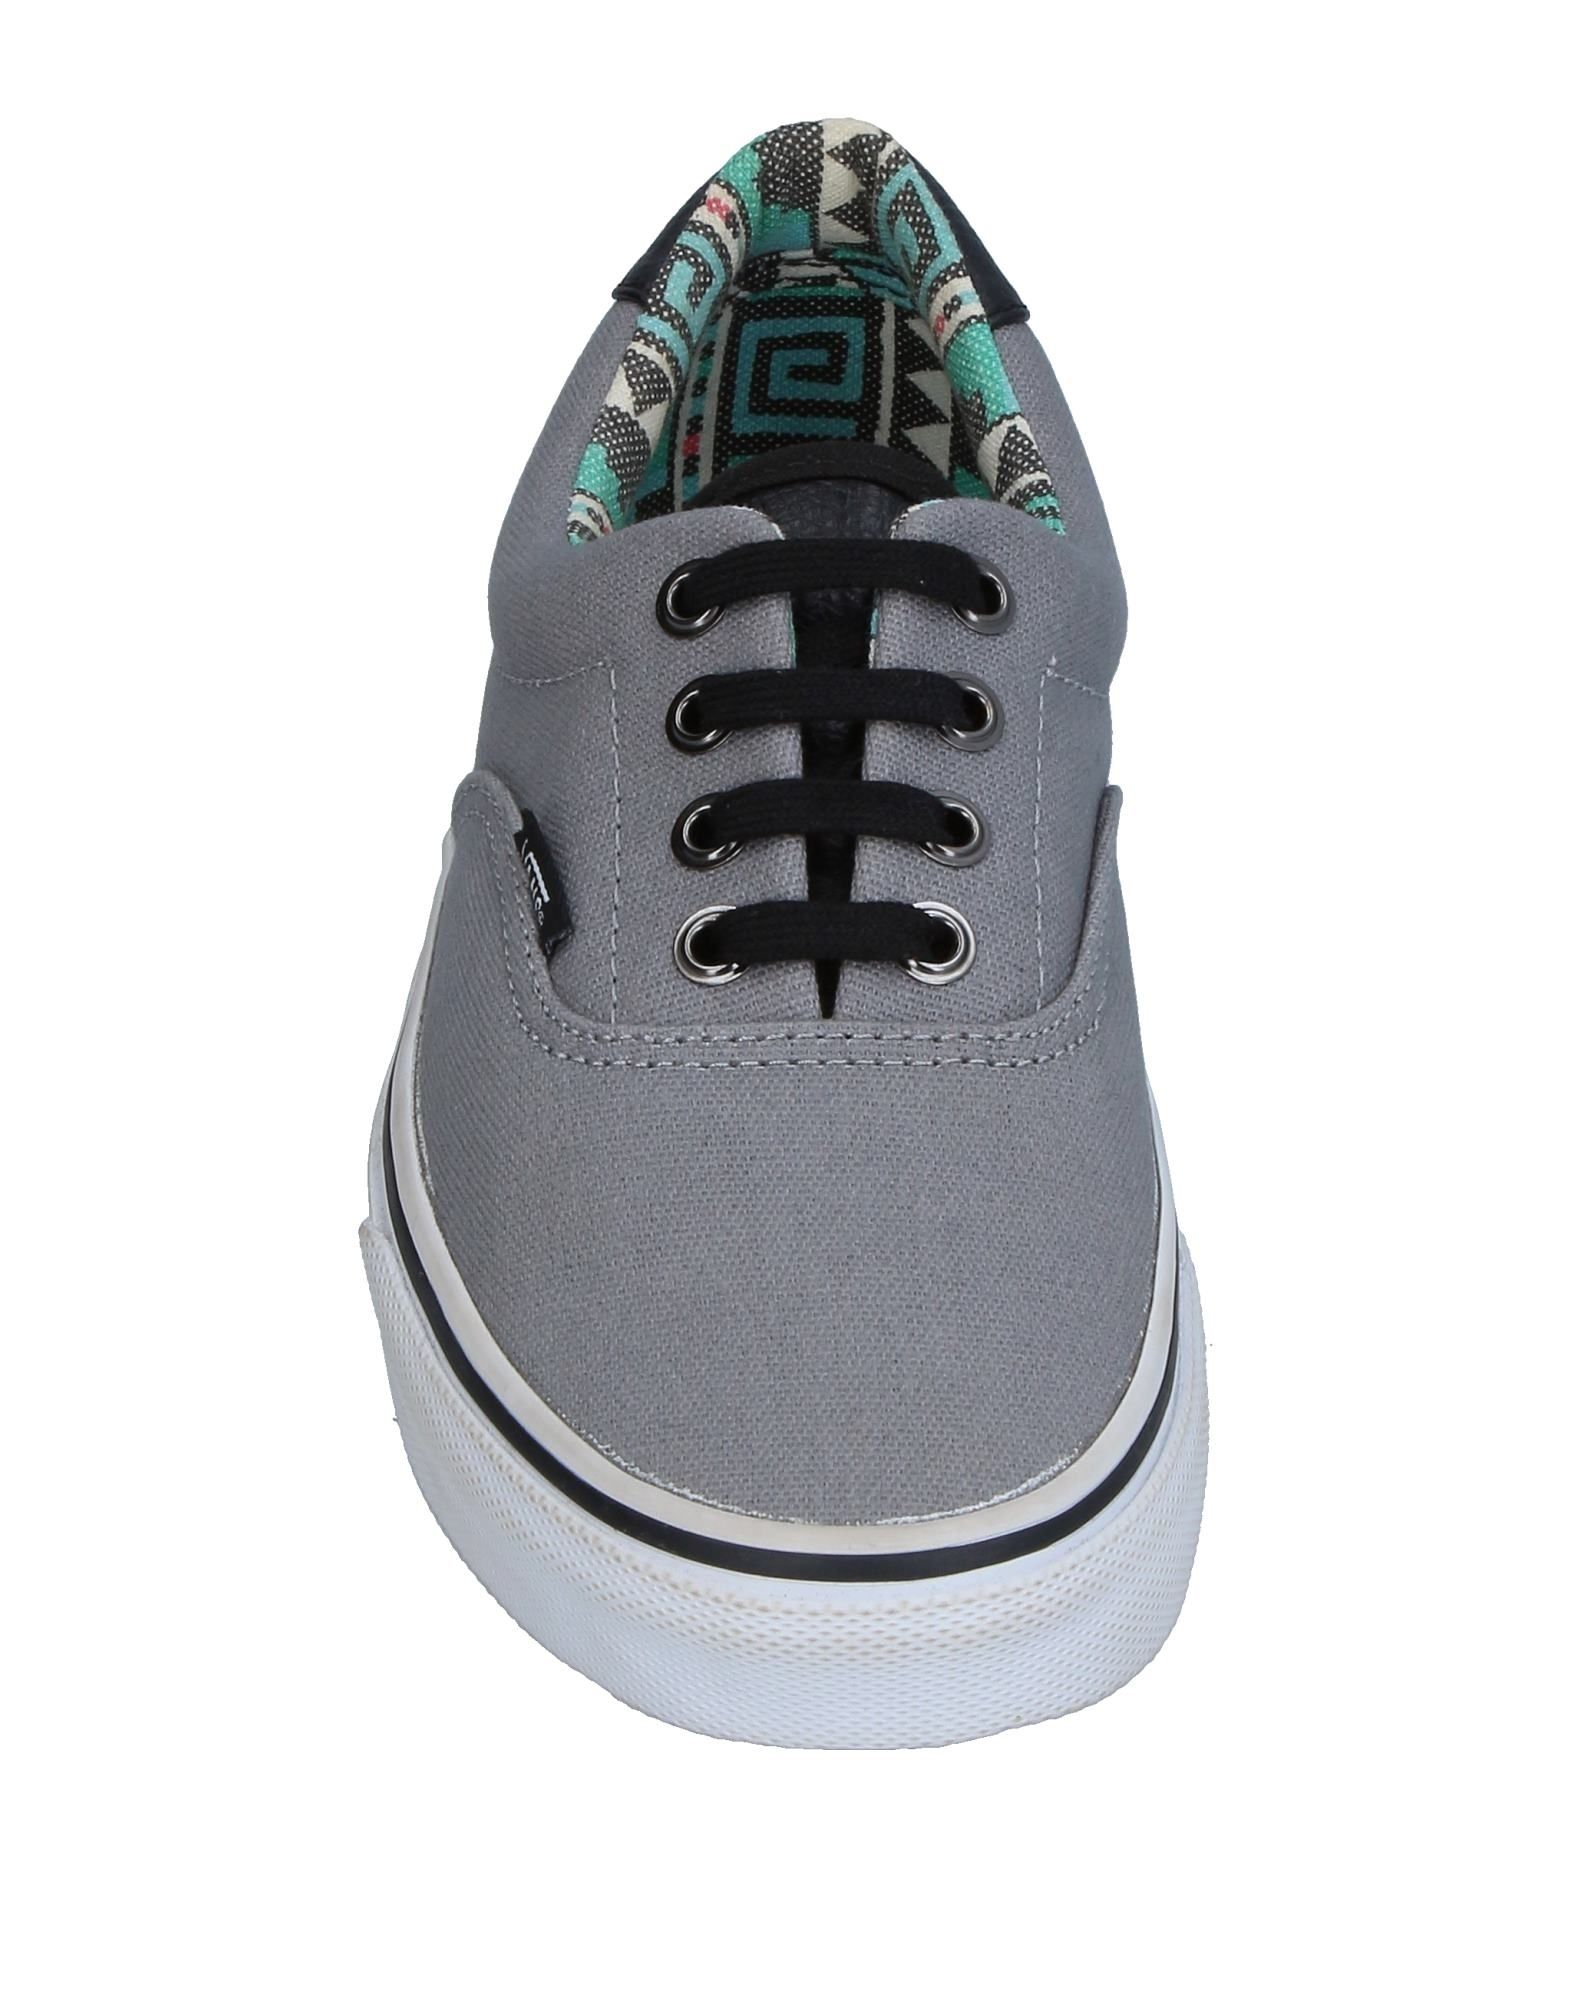 Vans Sneakers Damen  11321643UP   11321643UP 330e5c